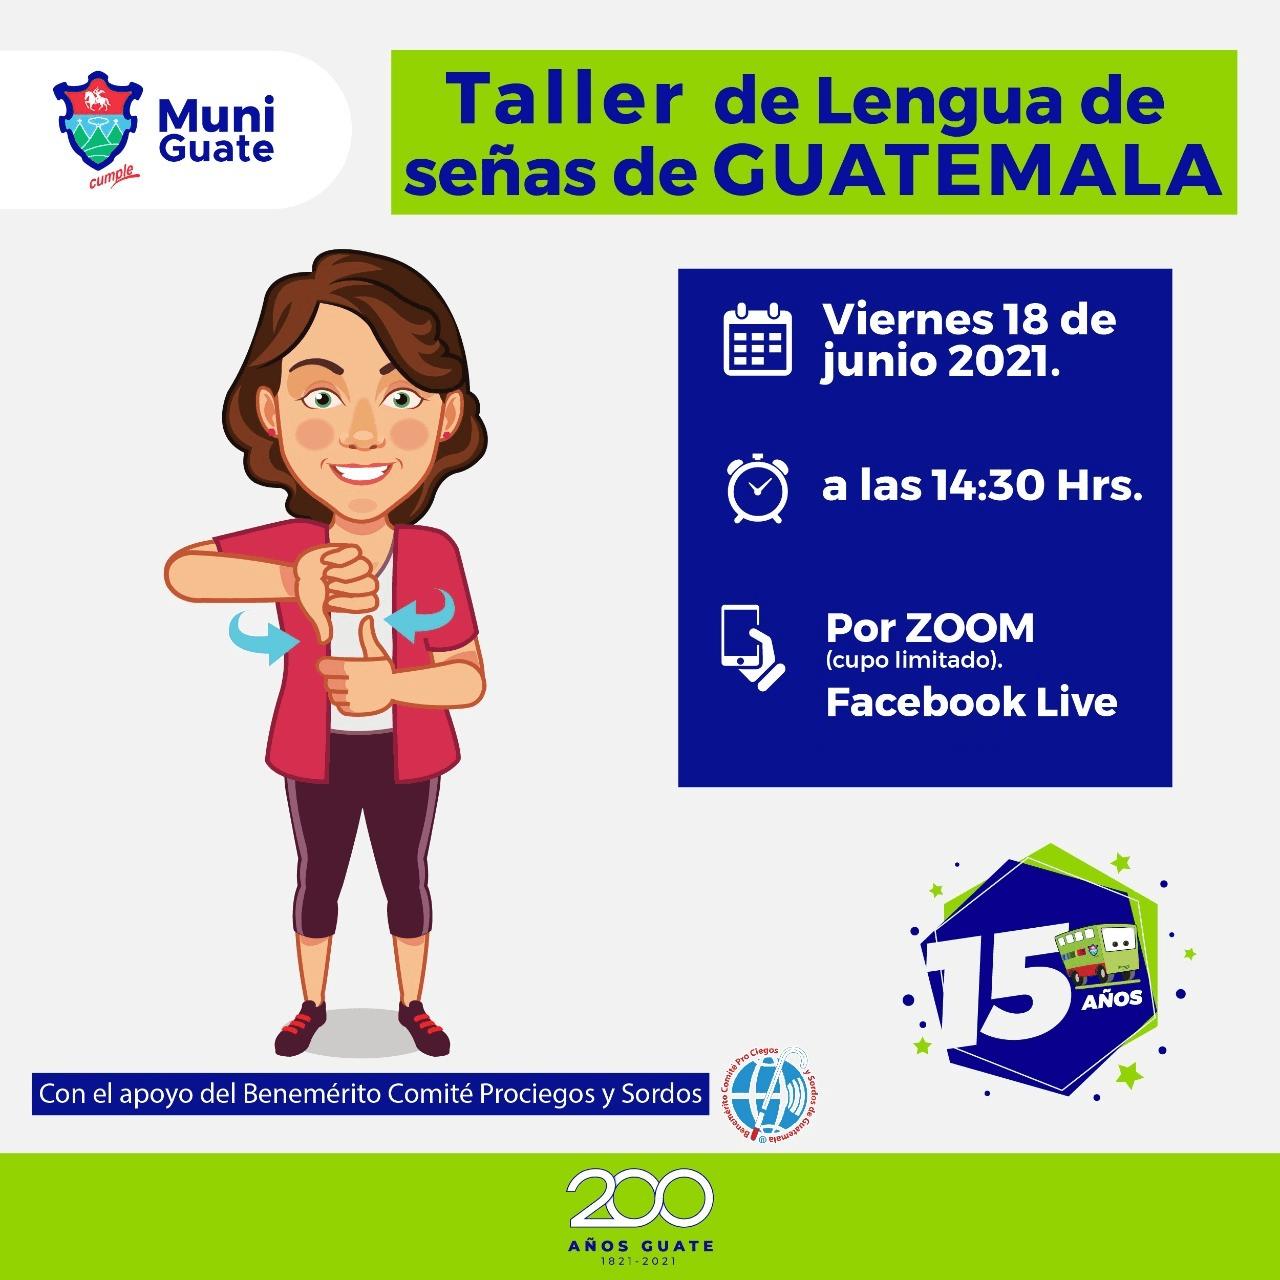 Taller gratis de lengua de señas para guatemaltecos